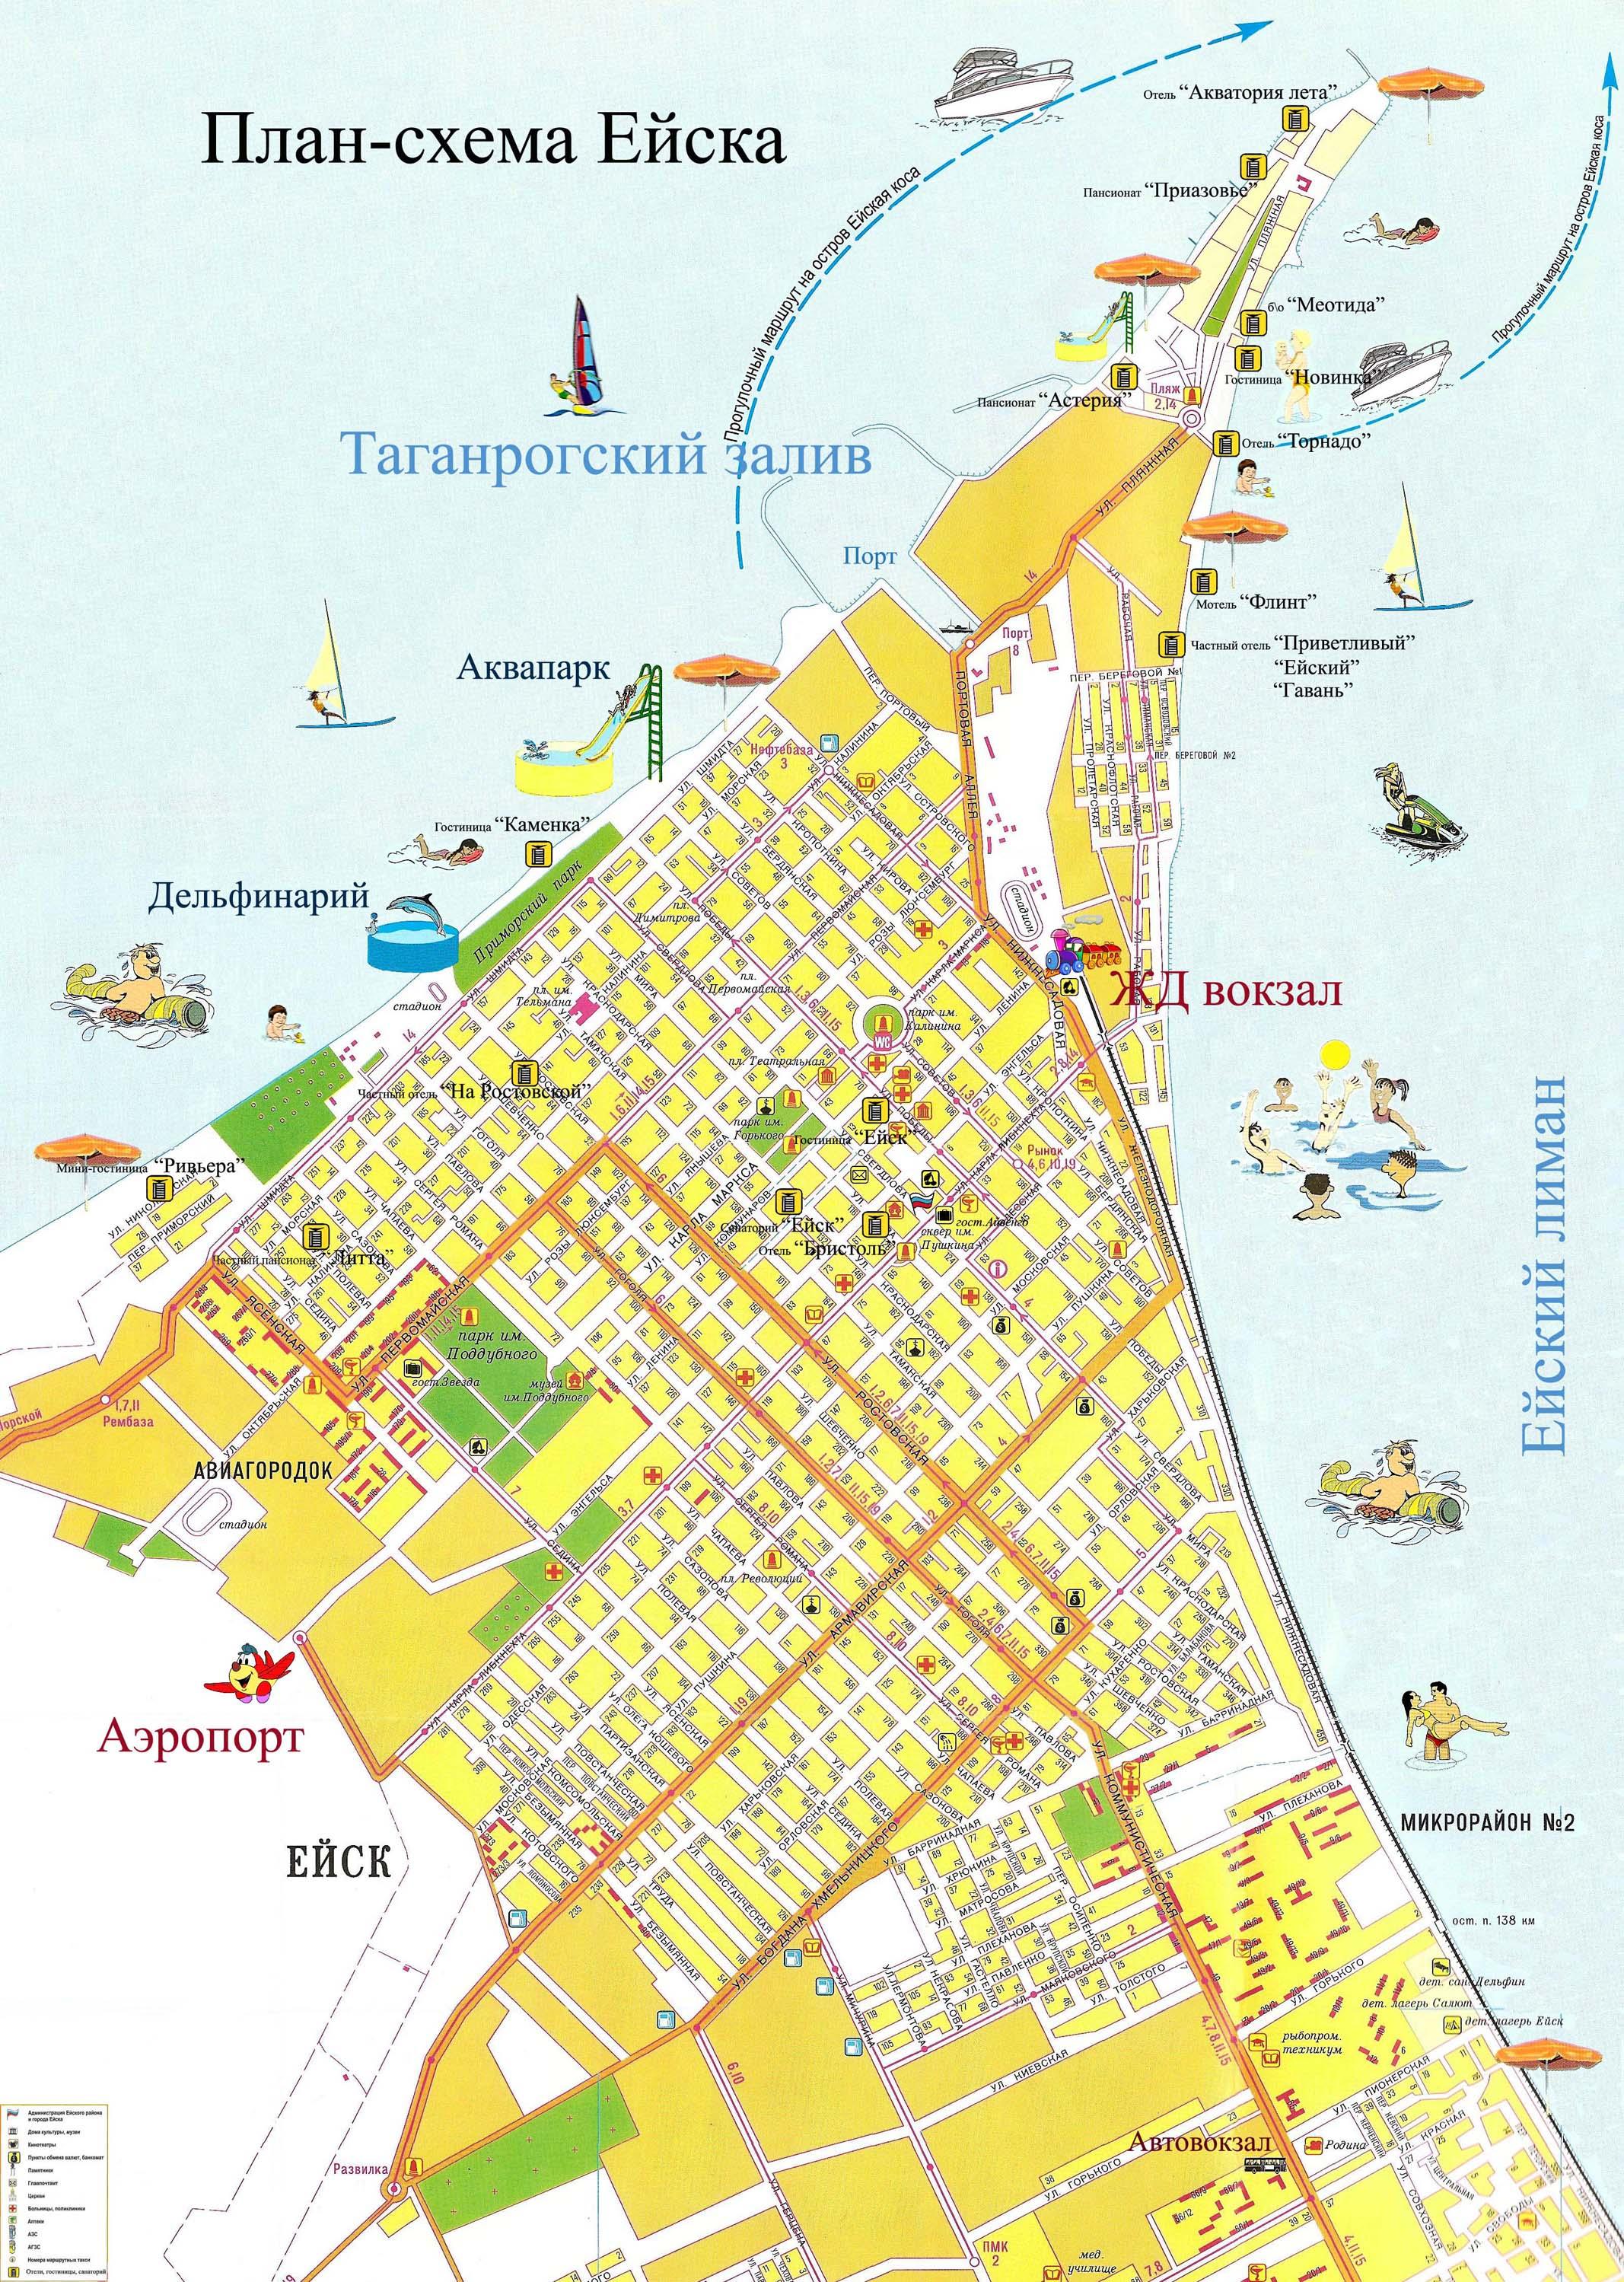 того карта города ейска с названиями улиц белье отлично работает